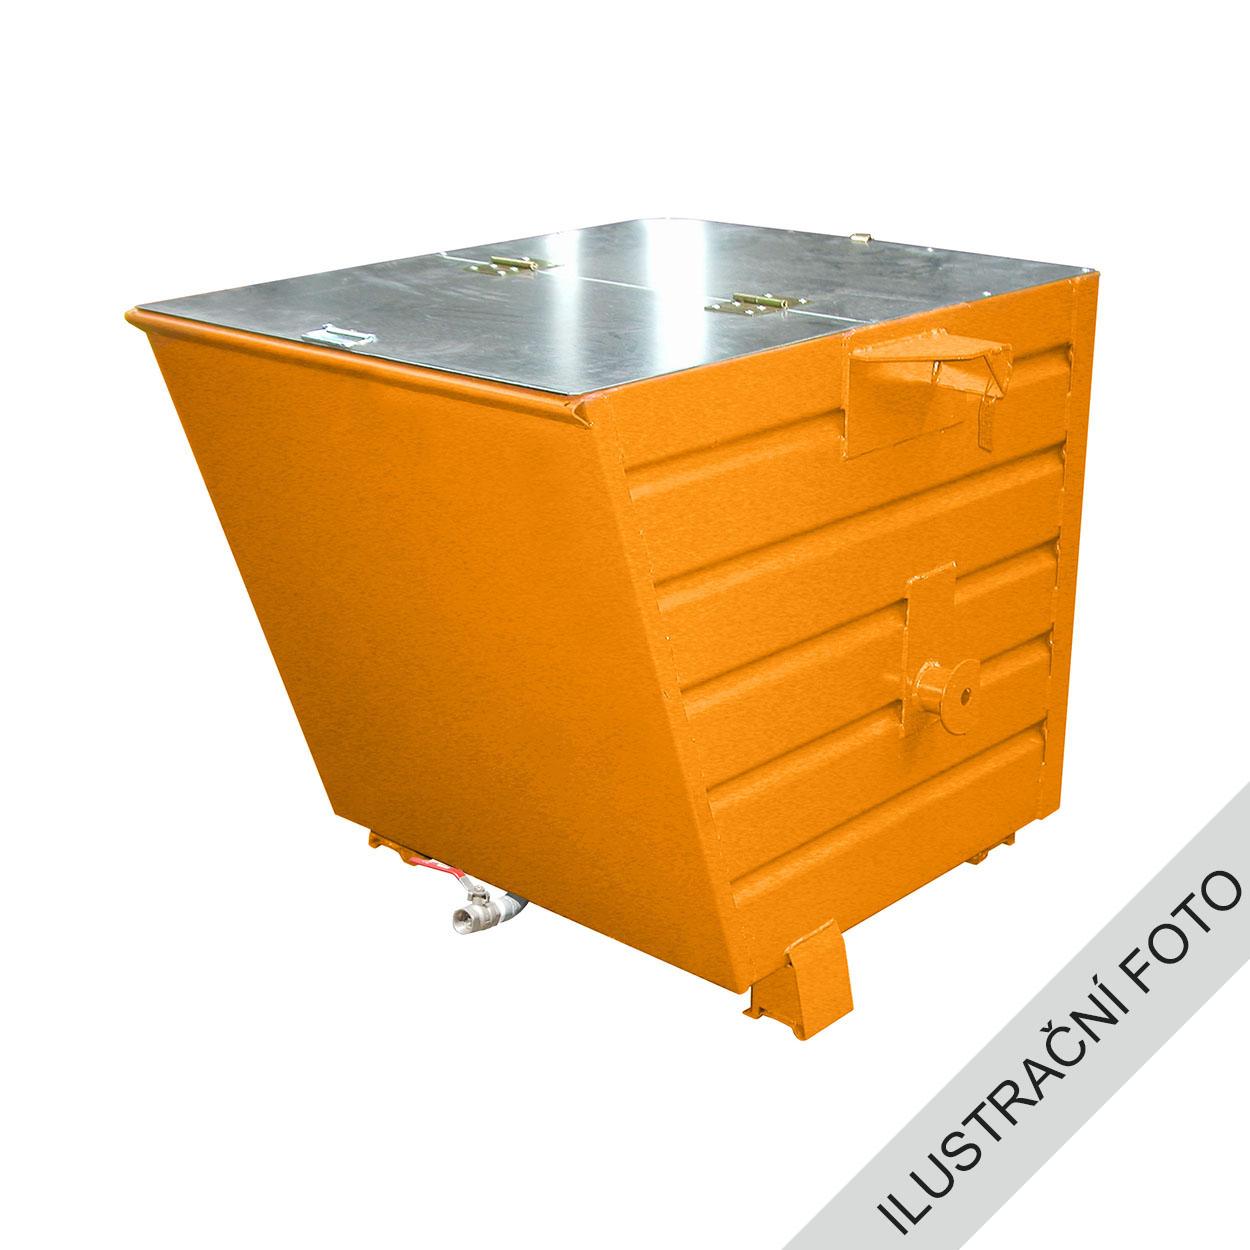 Výklopný kontejner TRV s výpustí a víkem